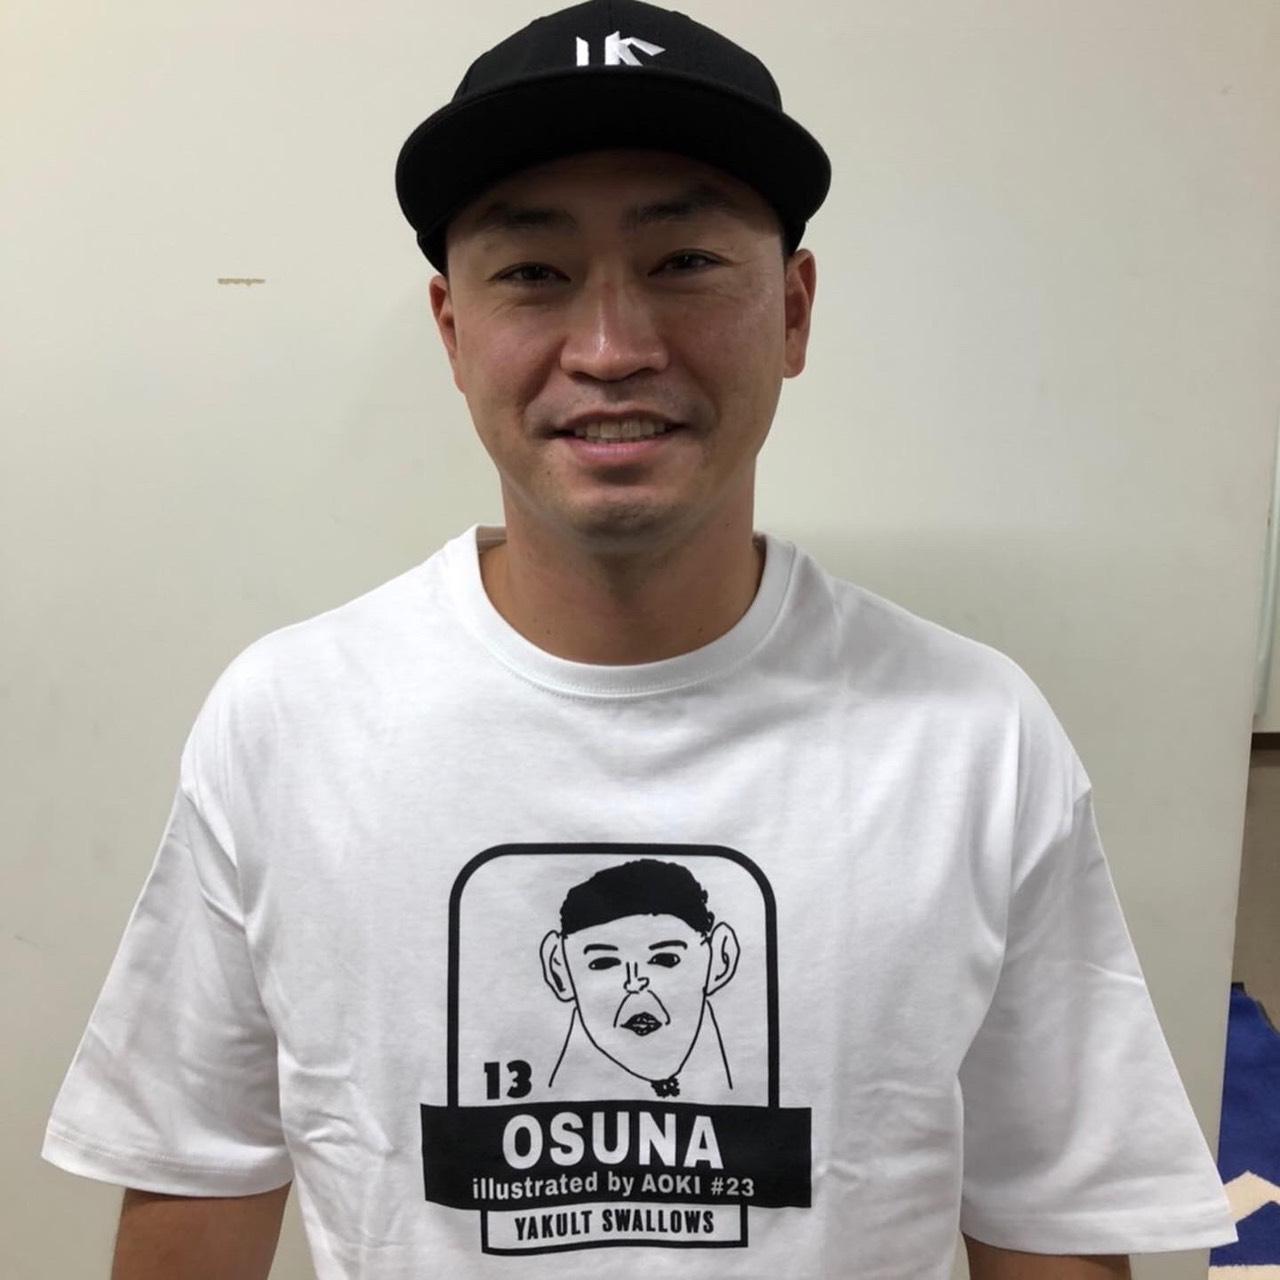 オスナ選手他画像(青木選手)プリントTシャツ